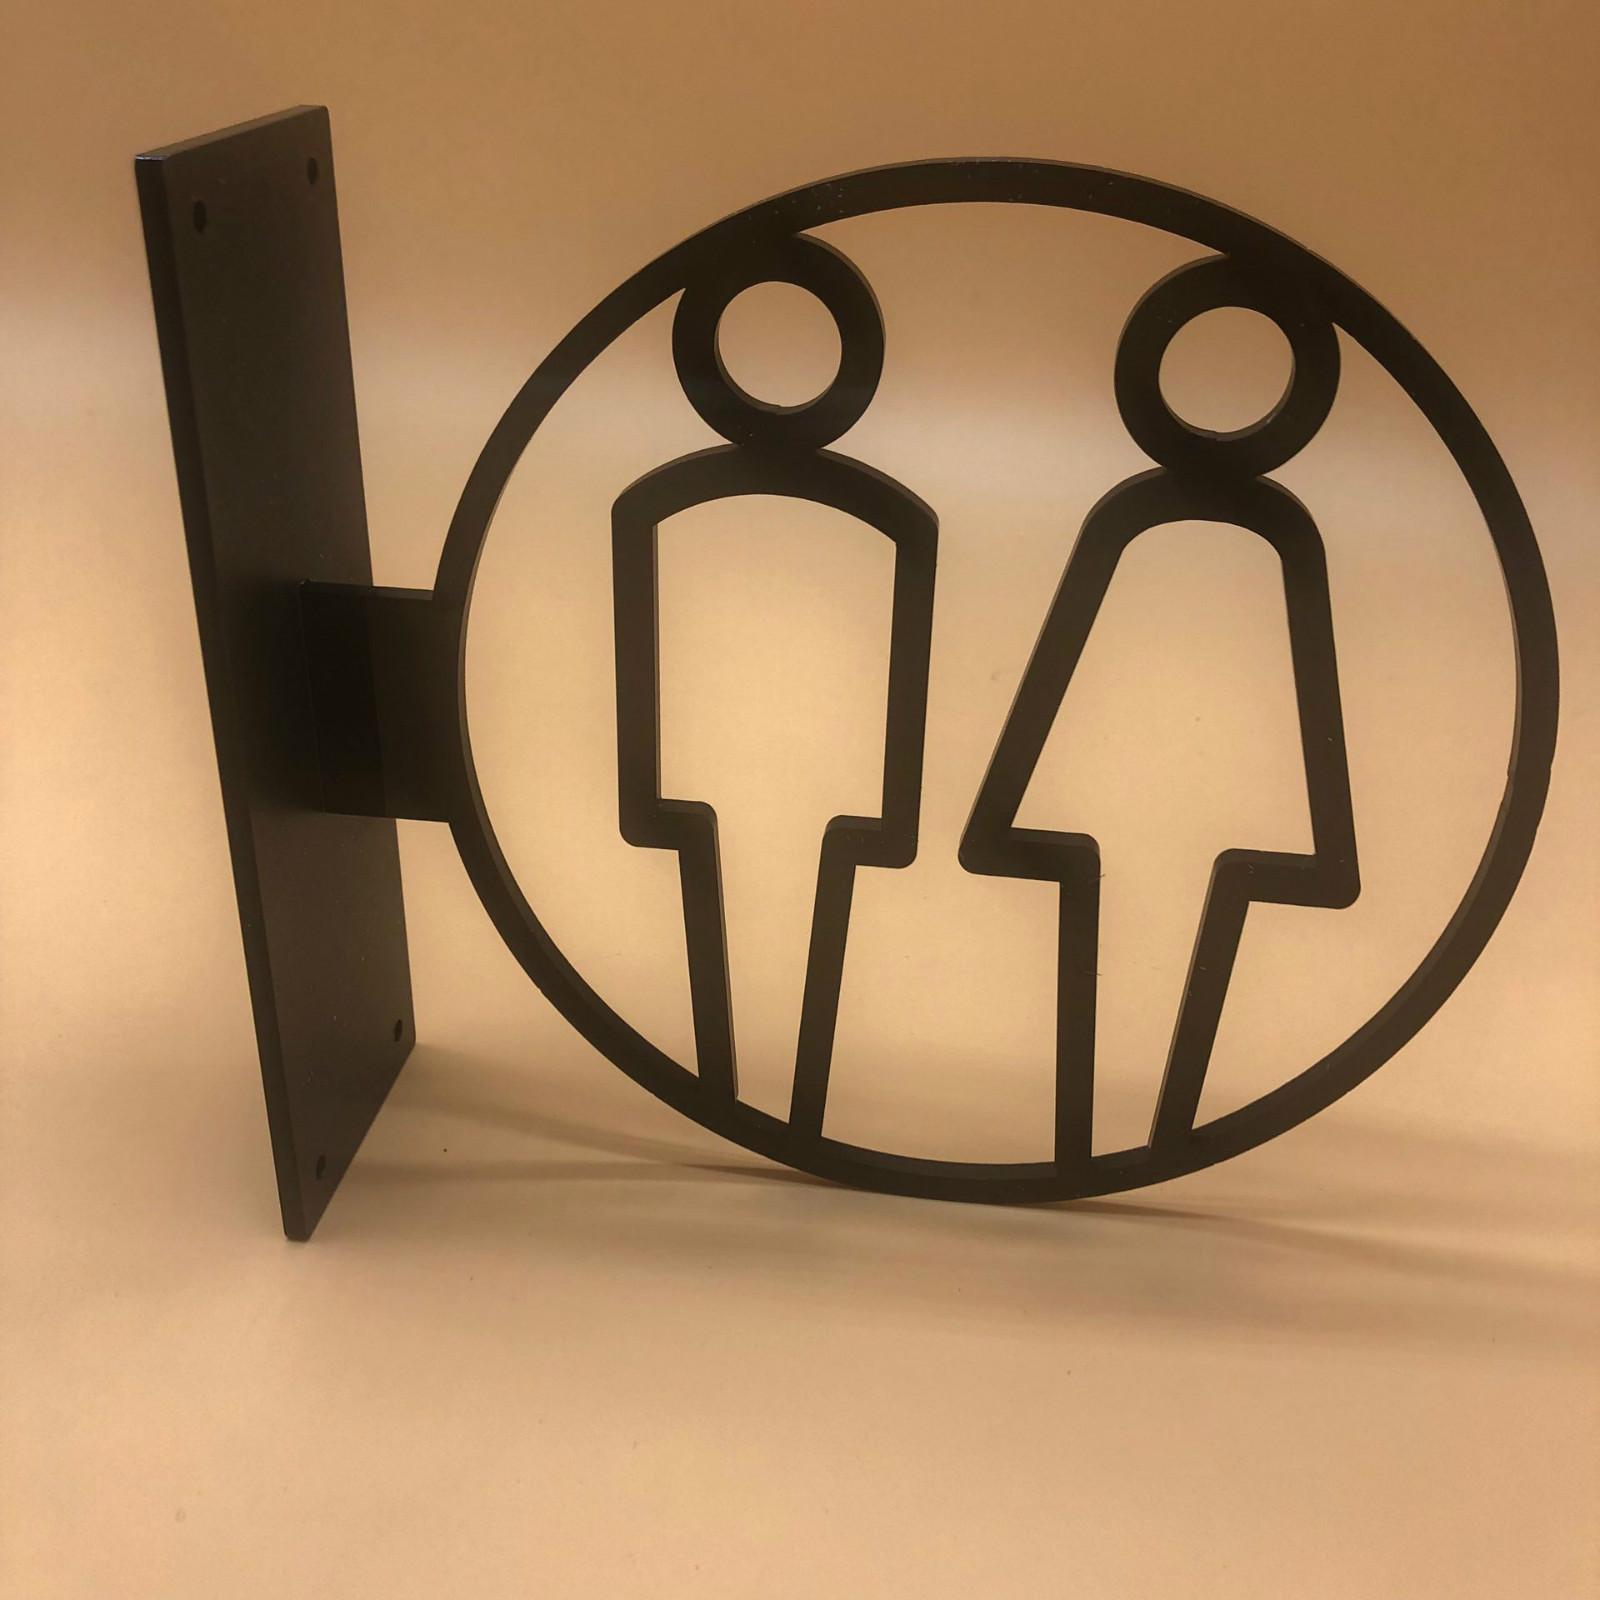 定制 亚克力3D侧装创意男女厕所卫生间 洗手间提示引导导视标识牌